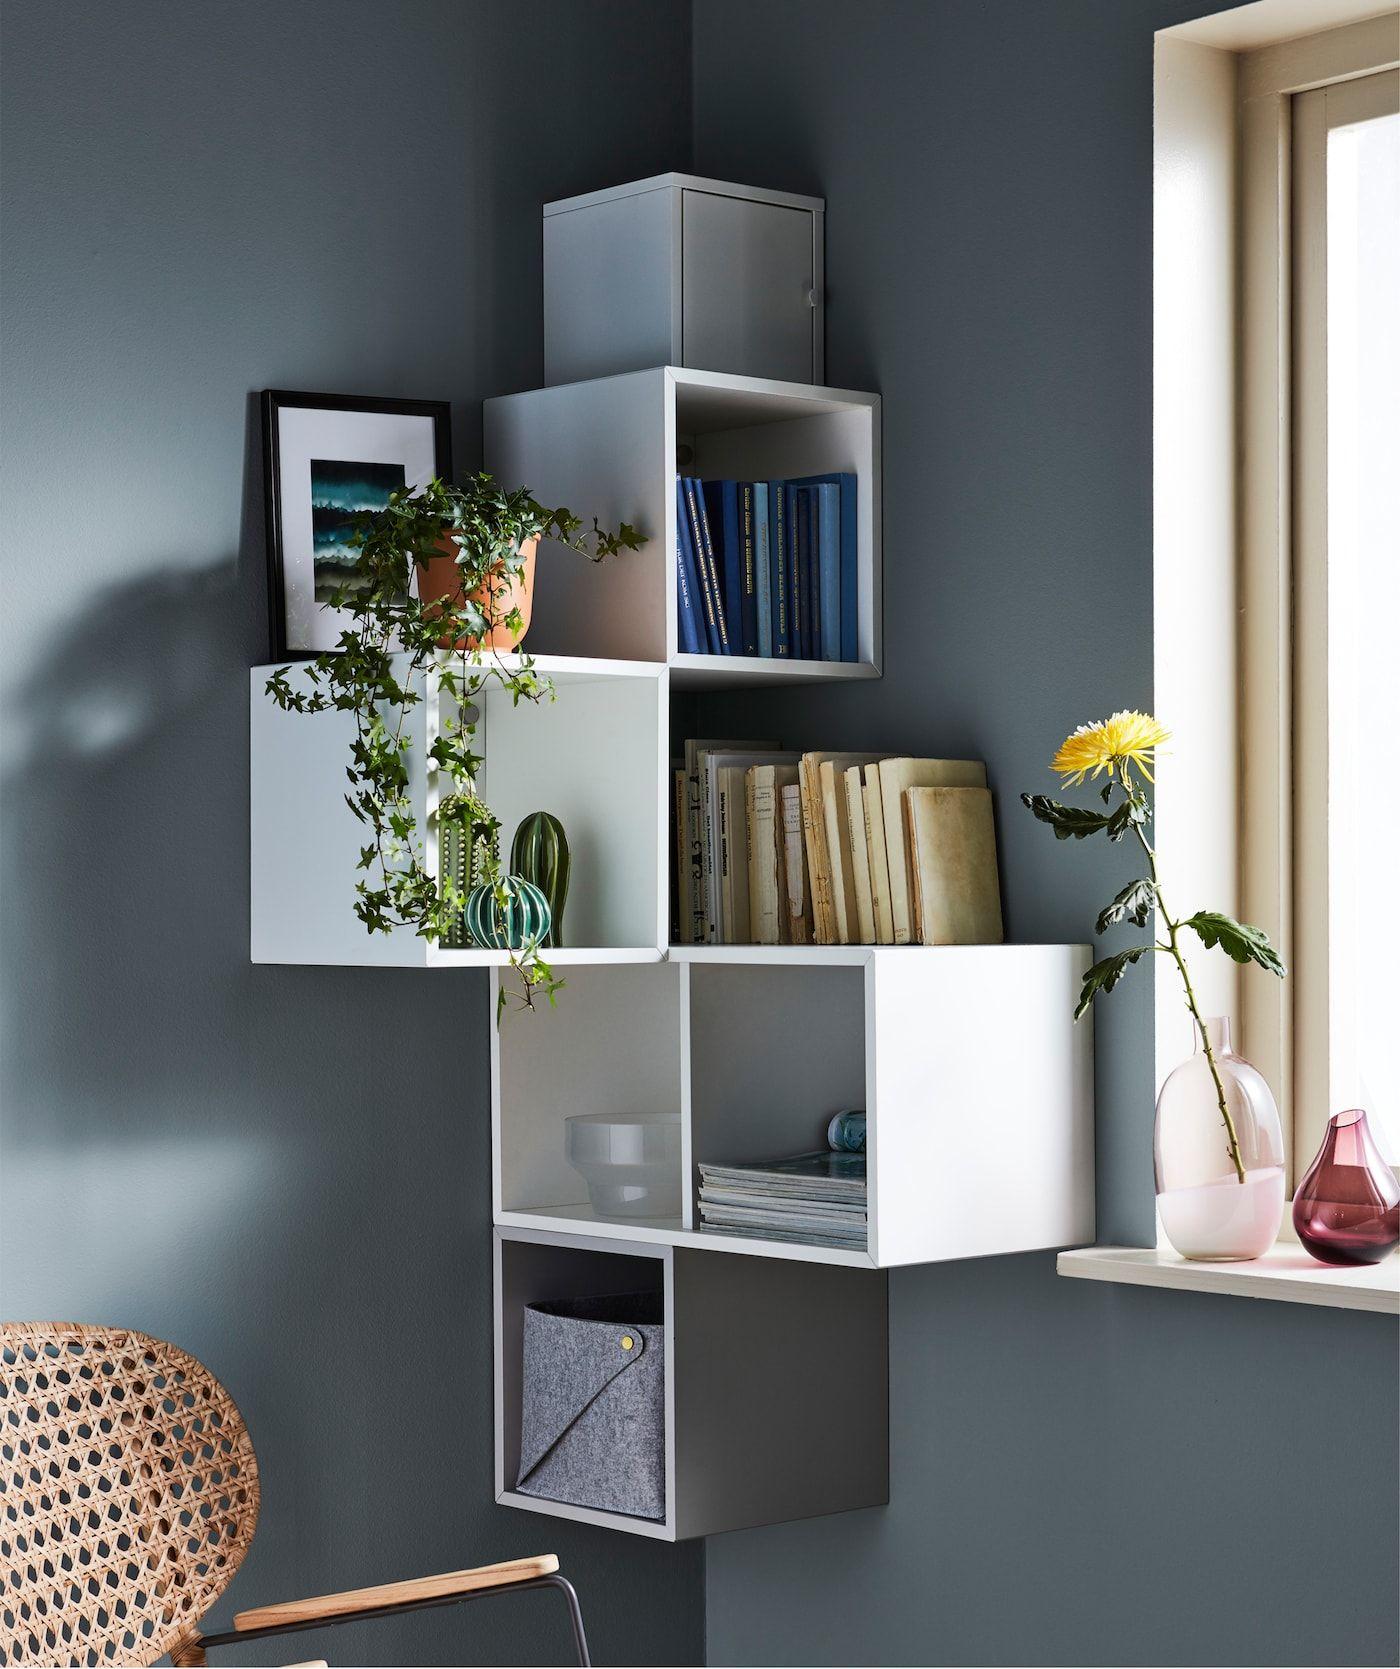 Libreria Da Parete Ikea consigli per arredare gli angoli | stue hylder